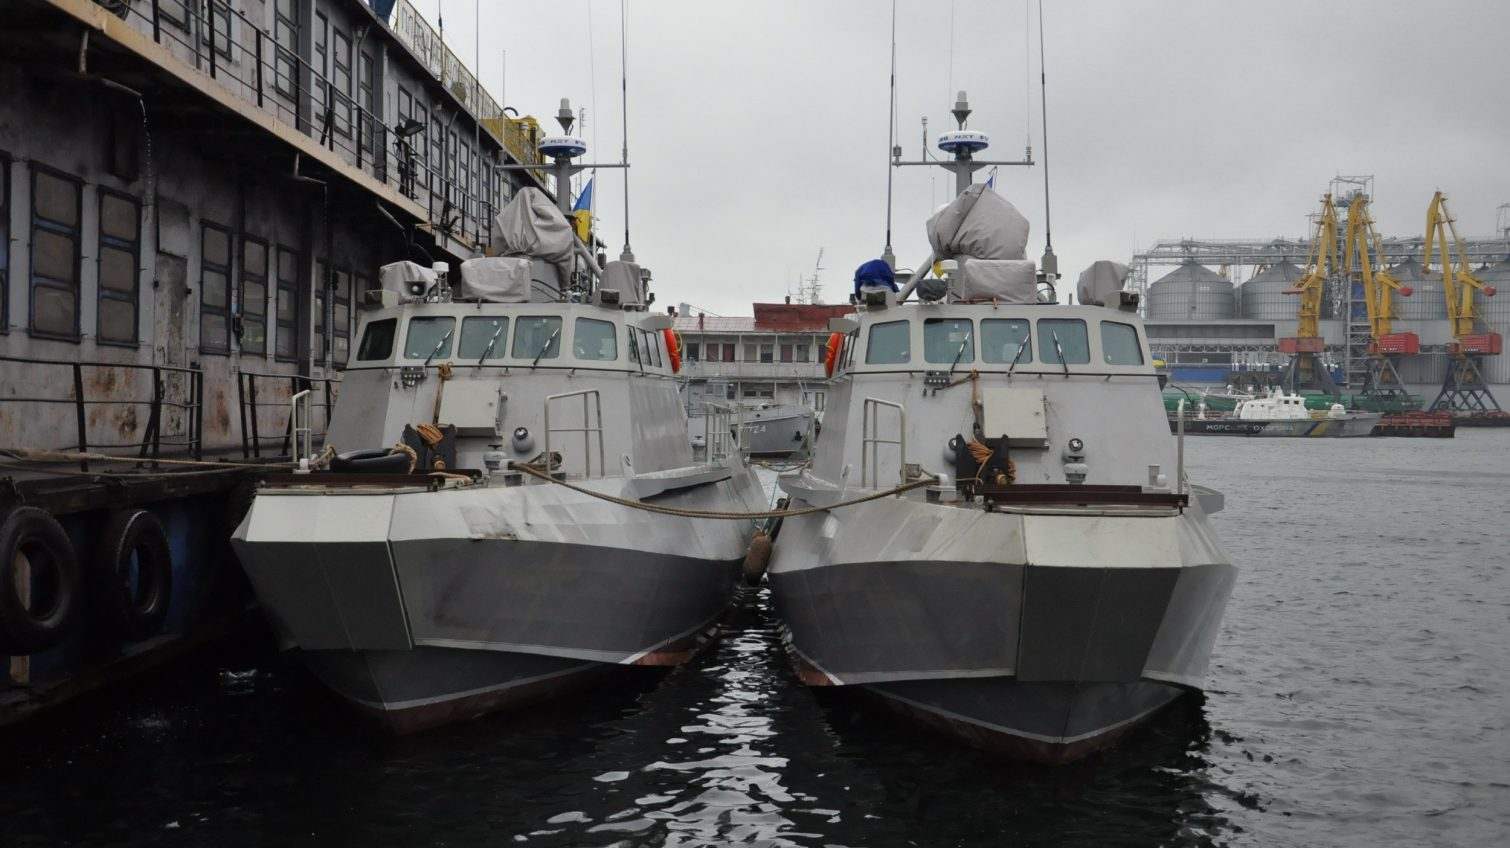 Новые «Кентавры» построены по стандартам НАТО — катера показали хорошие характеристики на испытаниях в Одессе (фото) «фото»